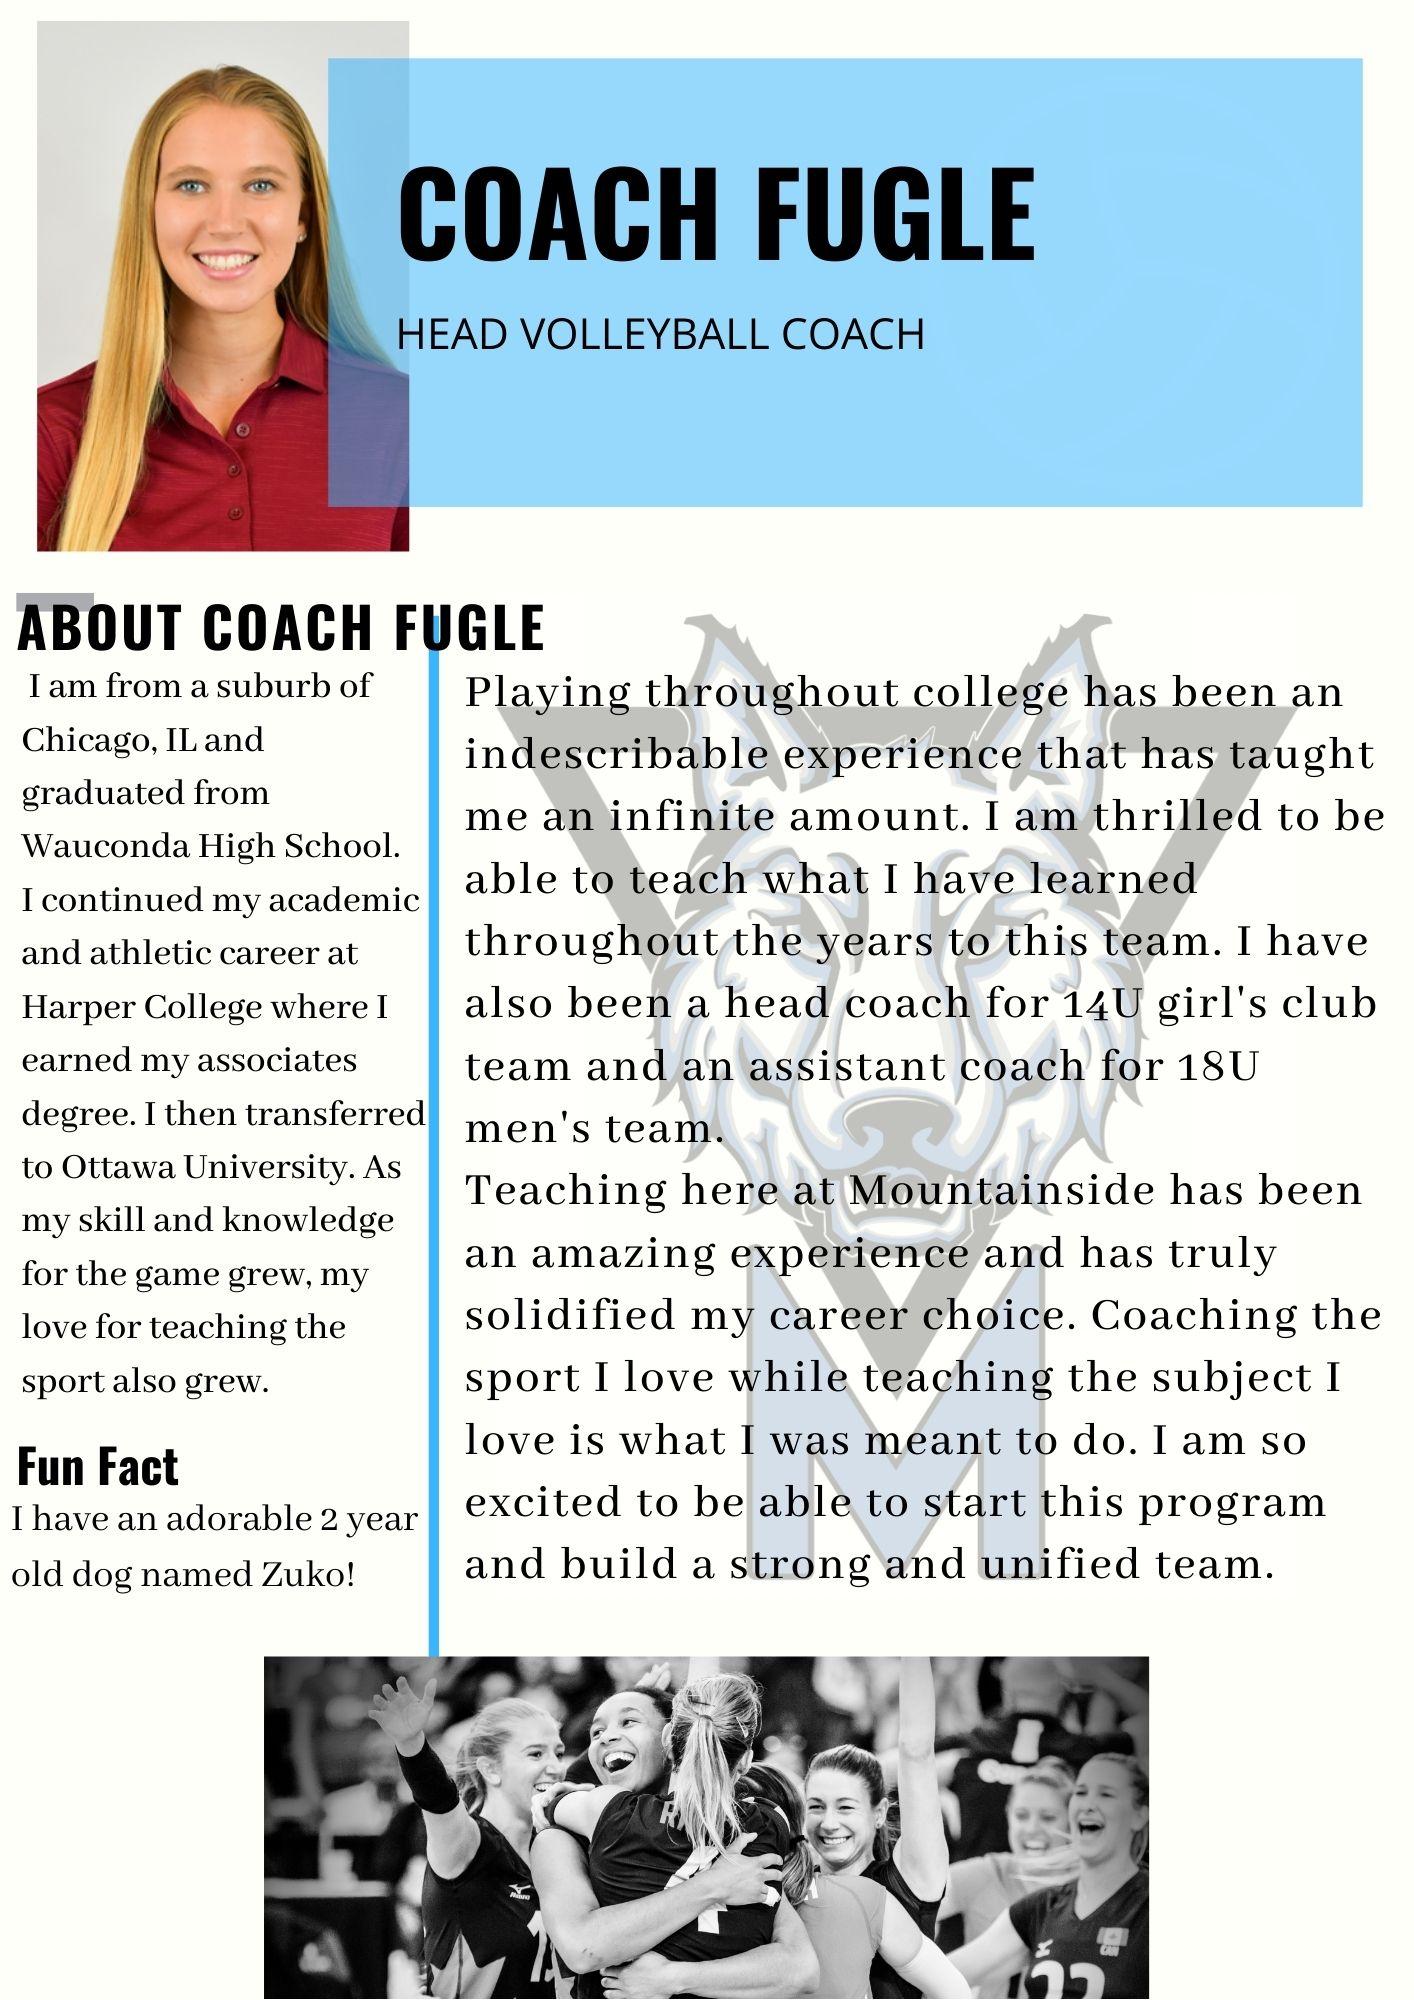 Coach Fugle